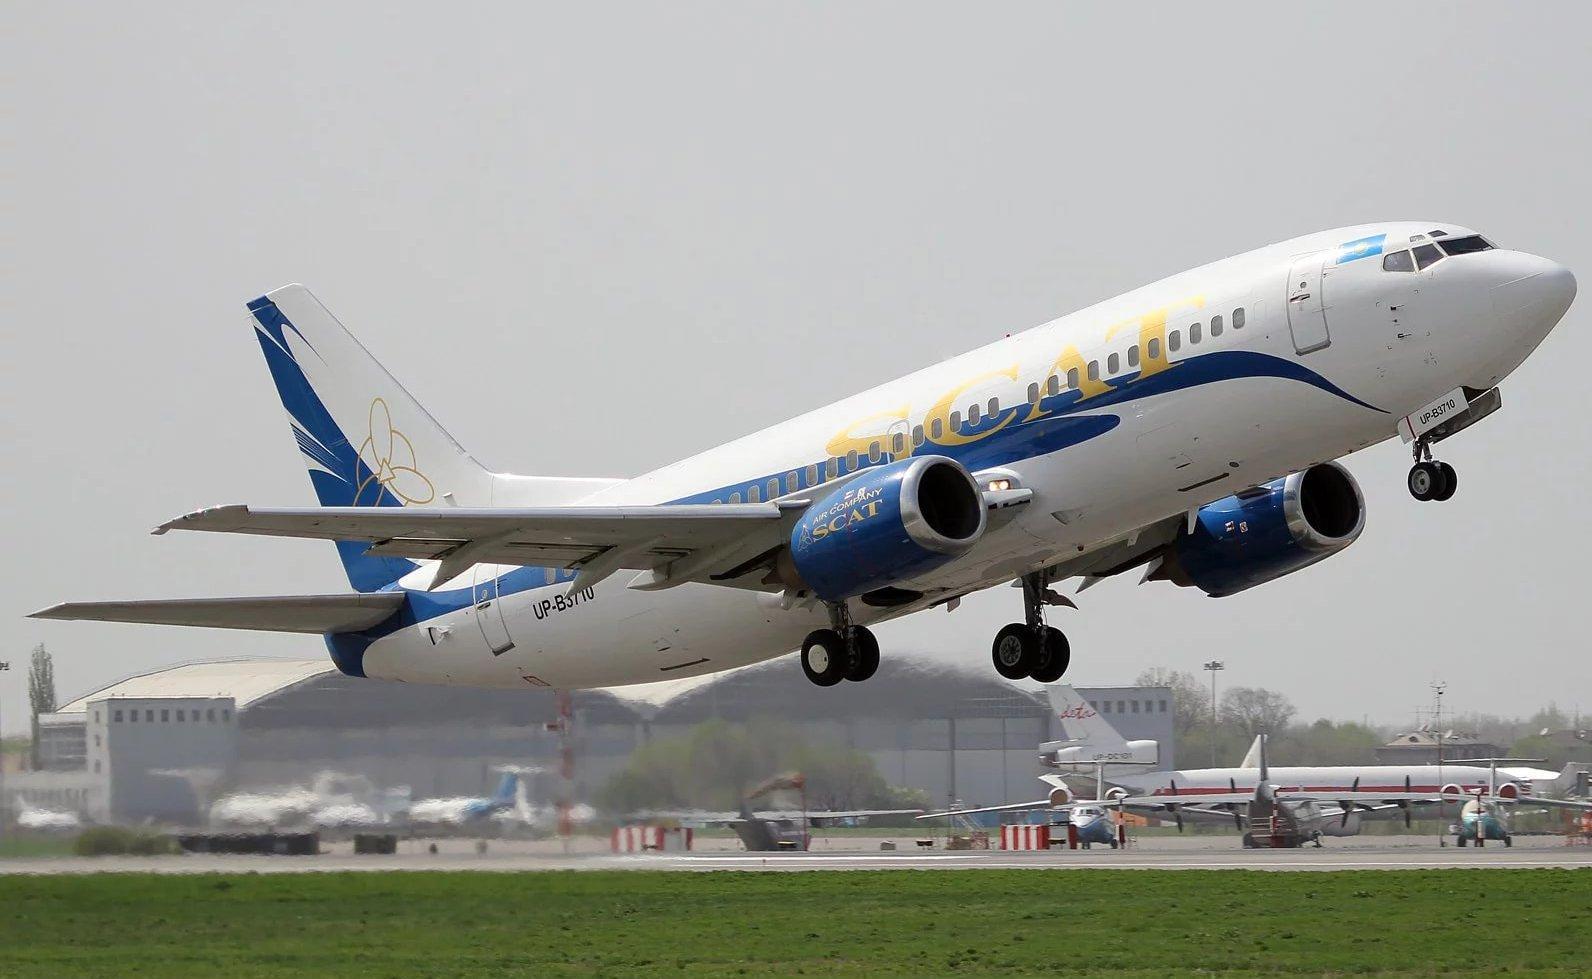 Новости Актау - Самолет кружил в небе 2 часа. Рейс Алматы - Актау совершил экстренную посадку